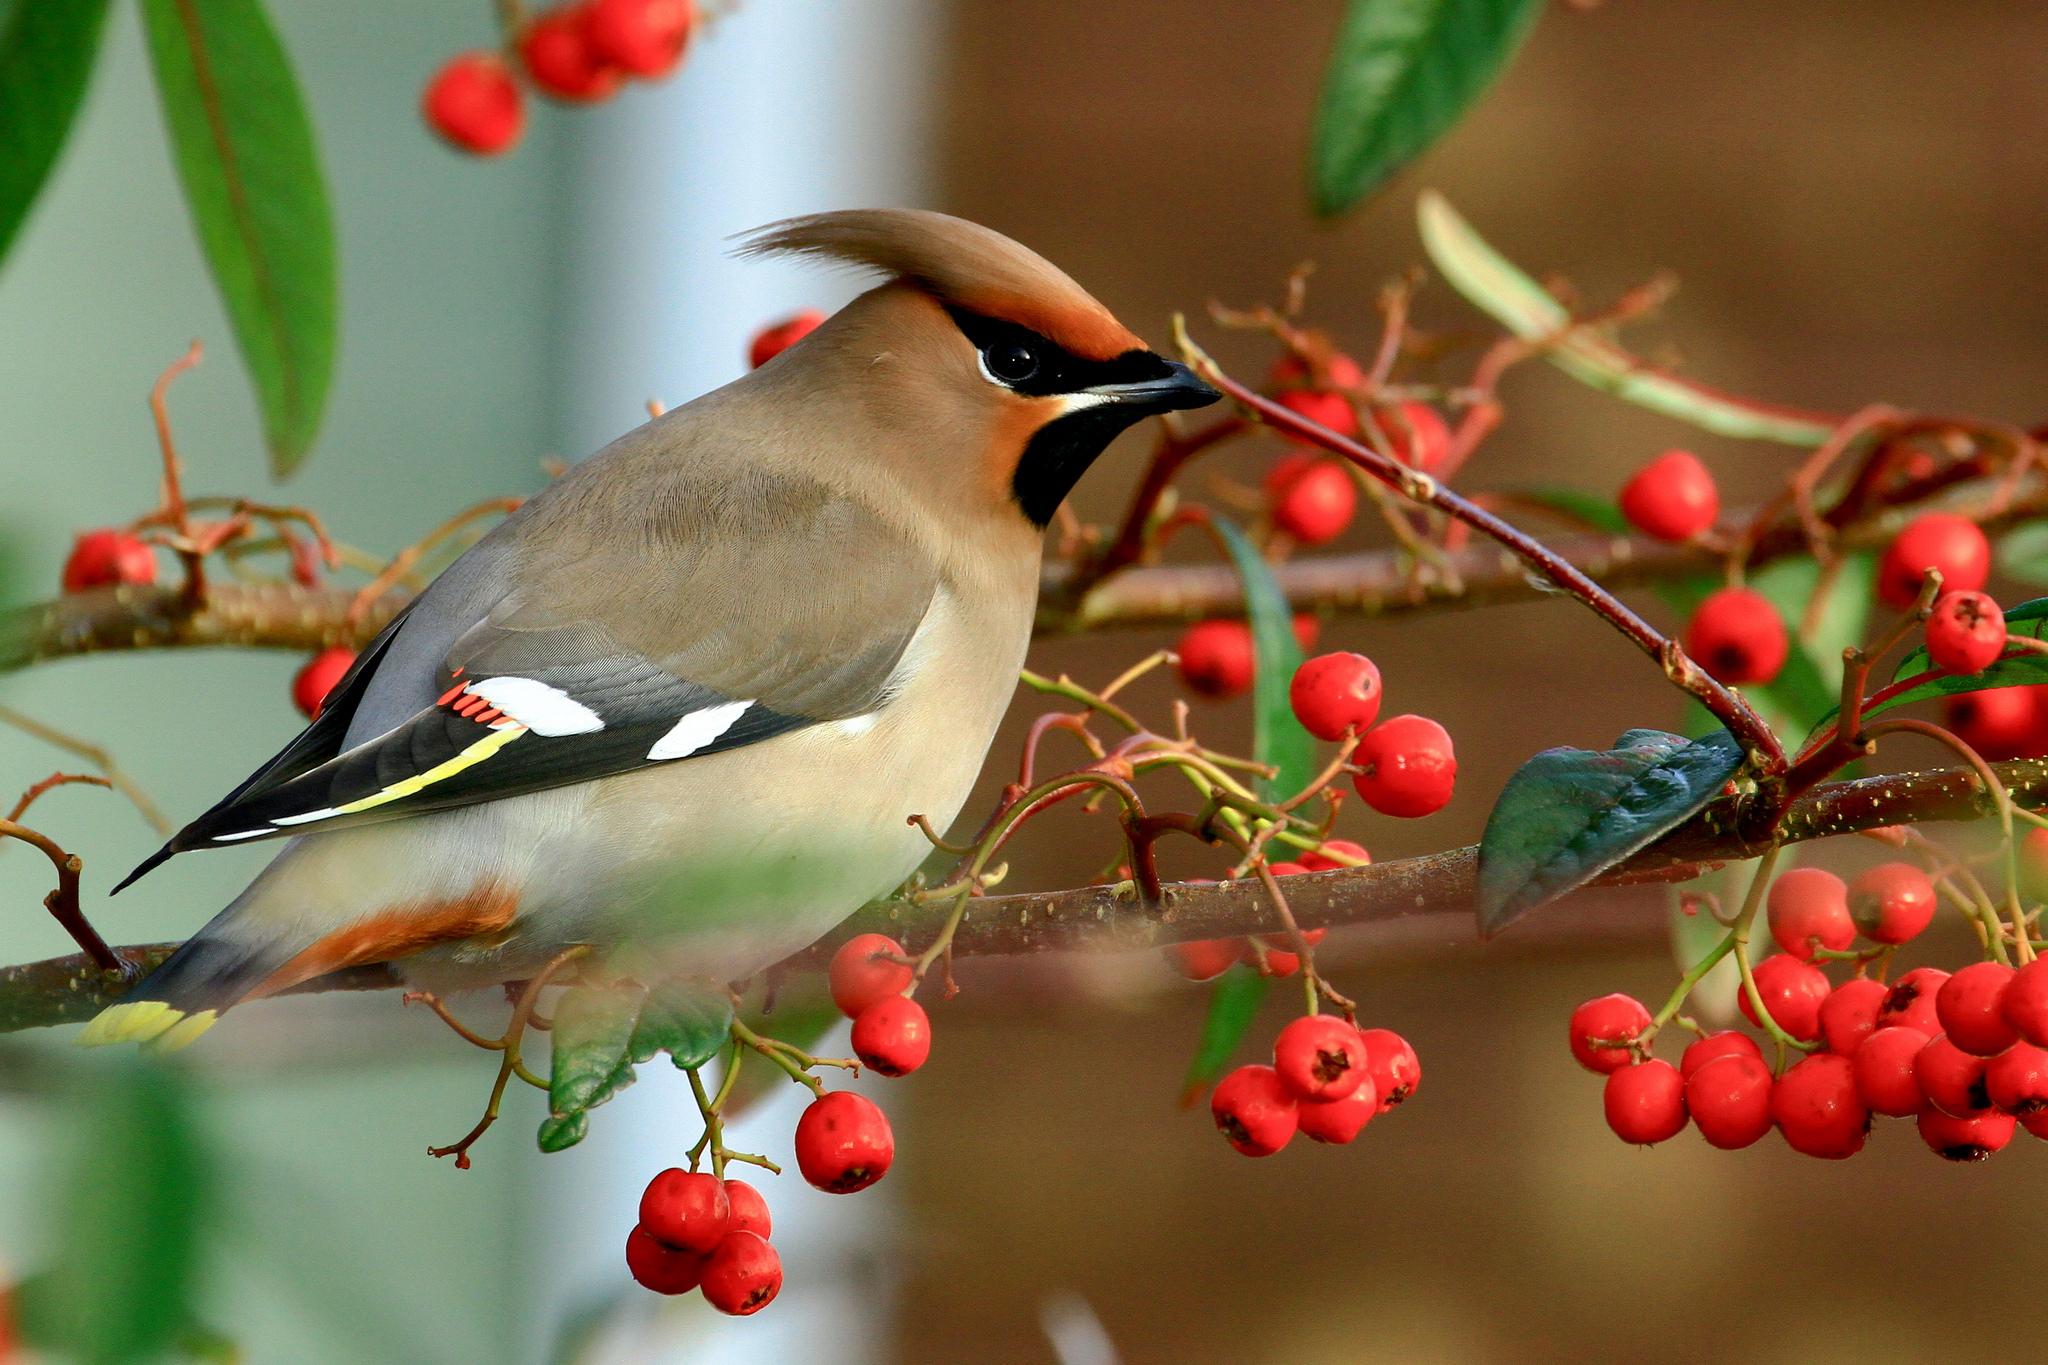 Картинки природы животных и птиц, картинки одиночество картинки